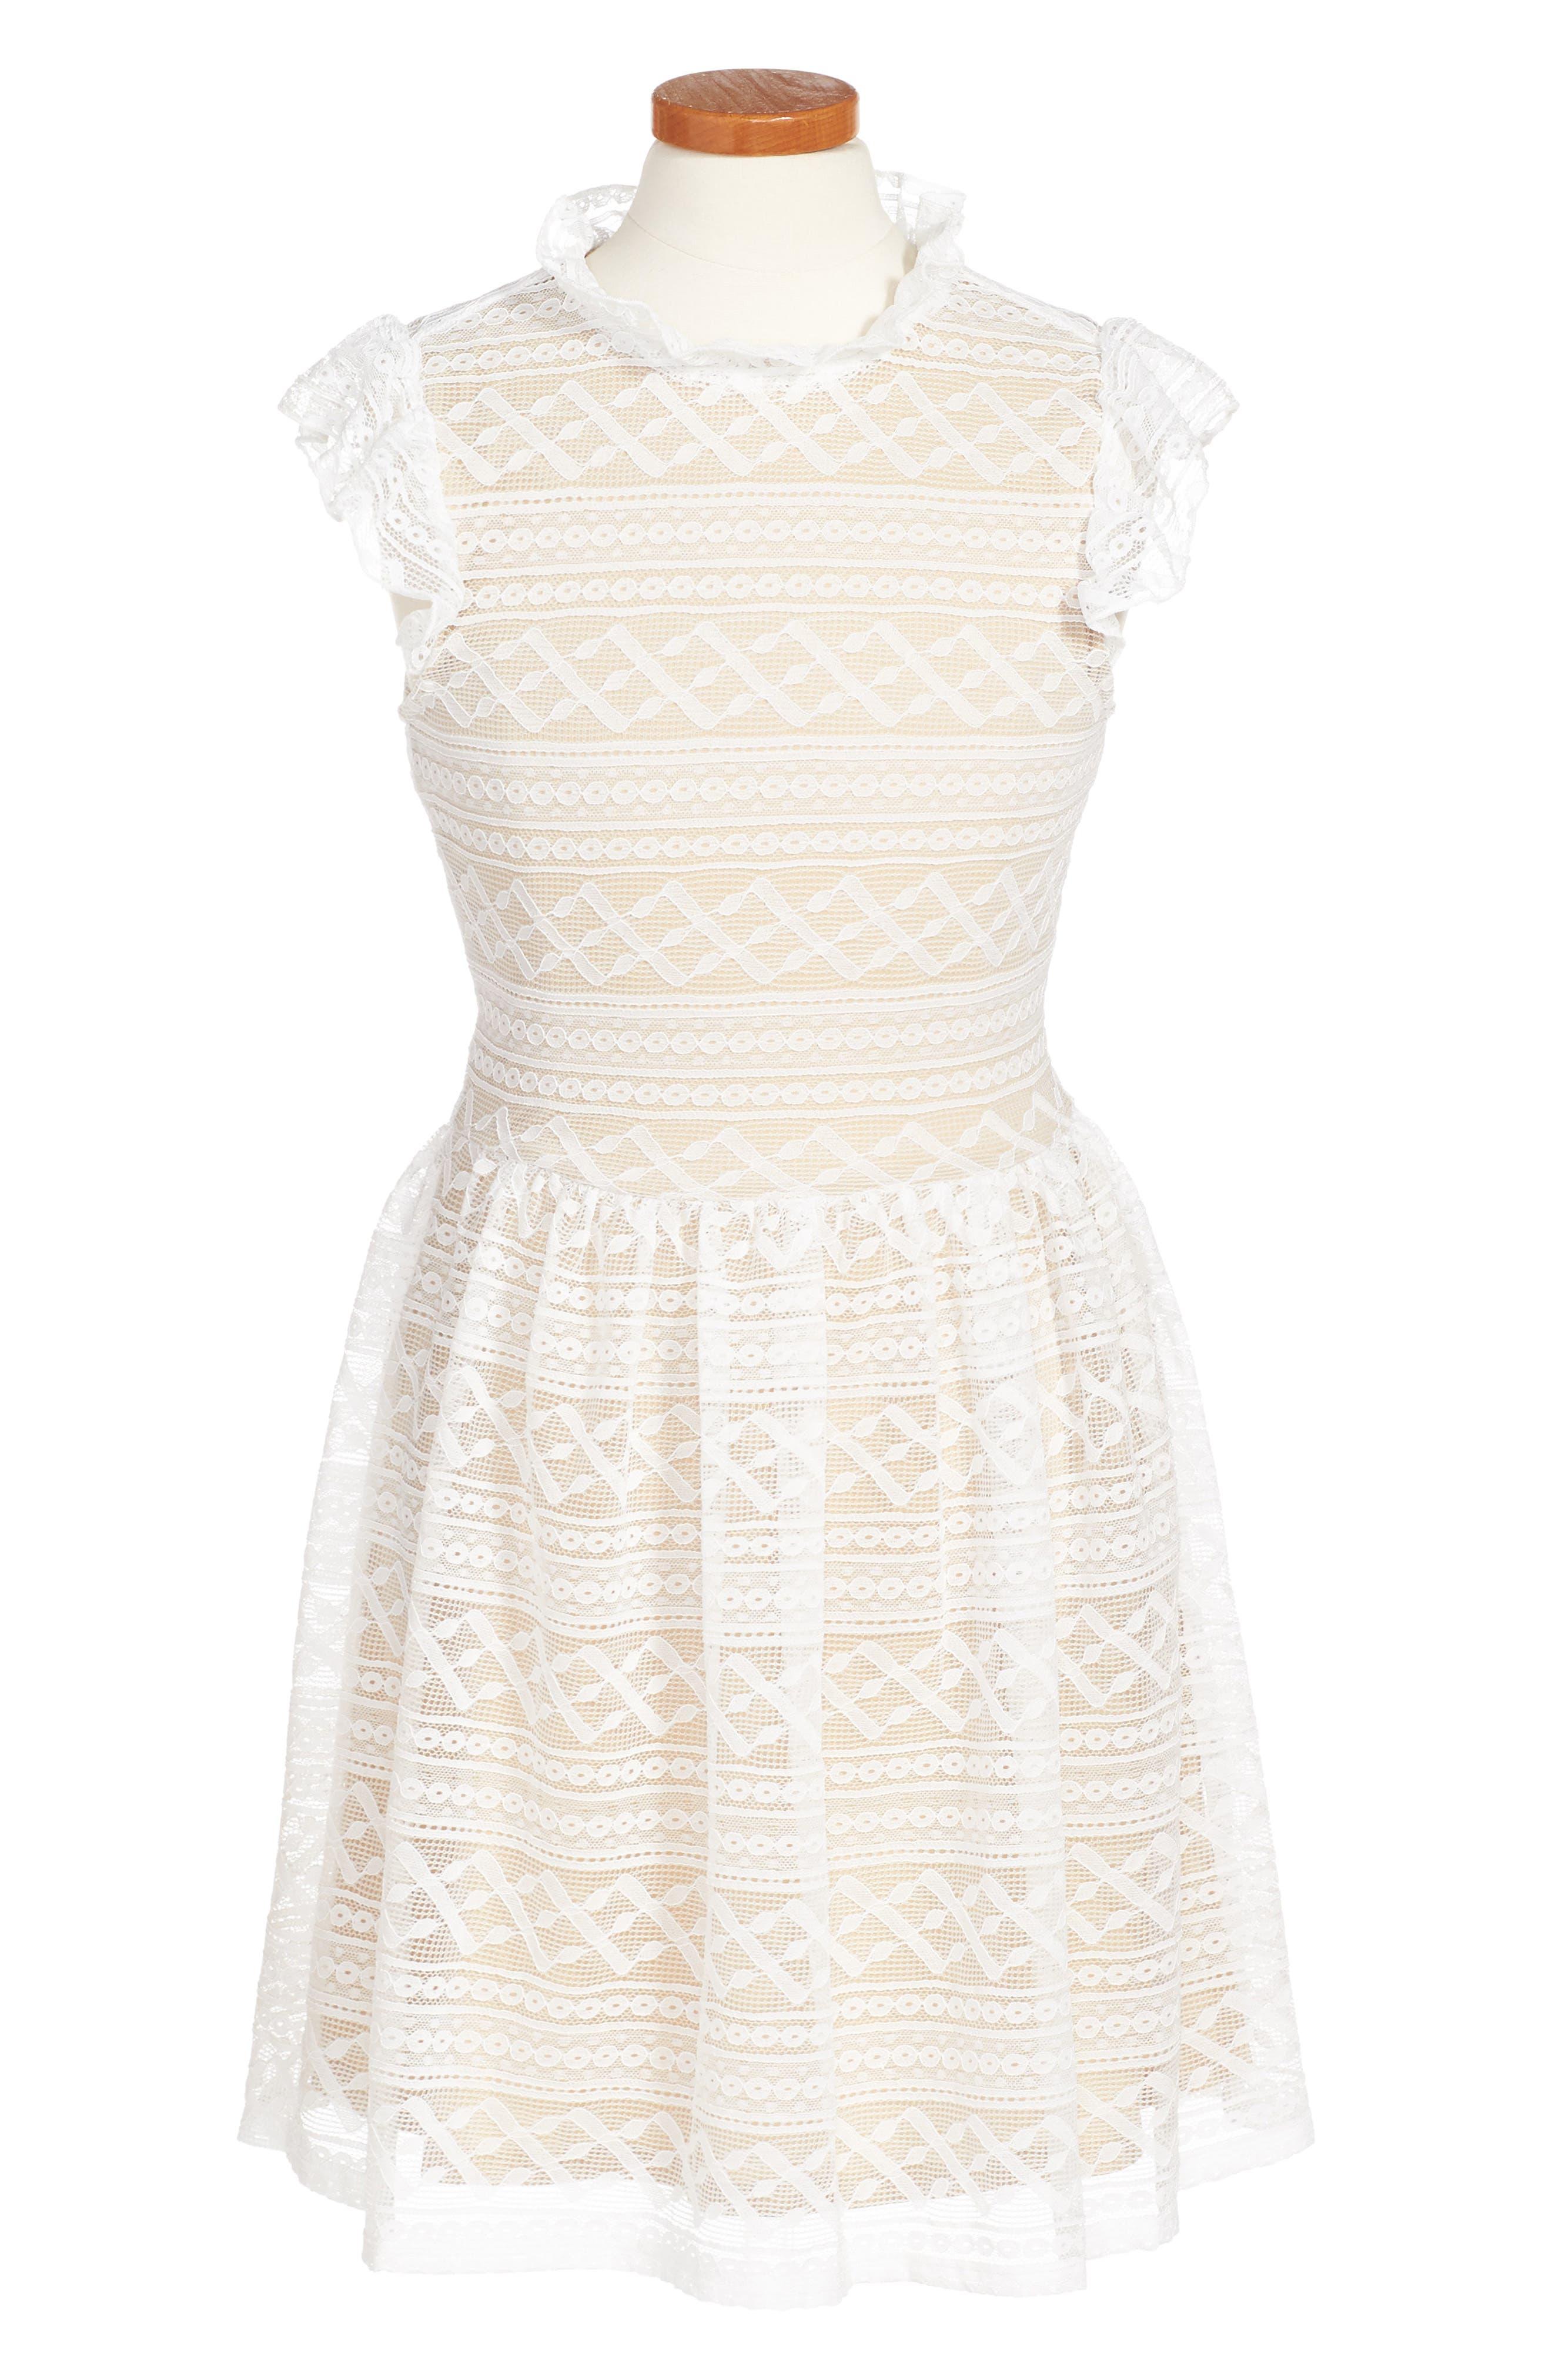 Penelope Tree Hazel Dress (Big Girls)